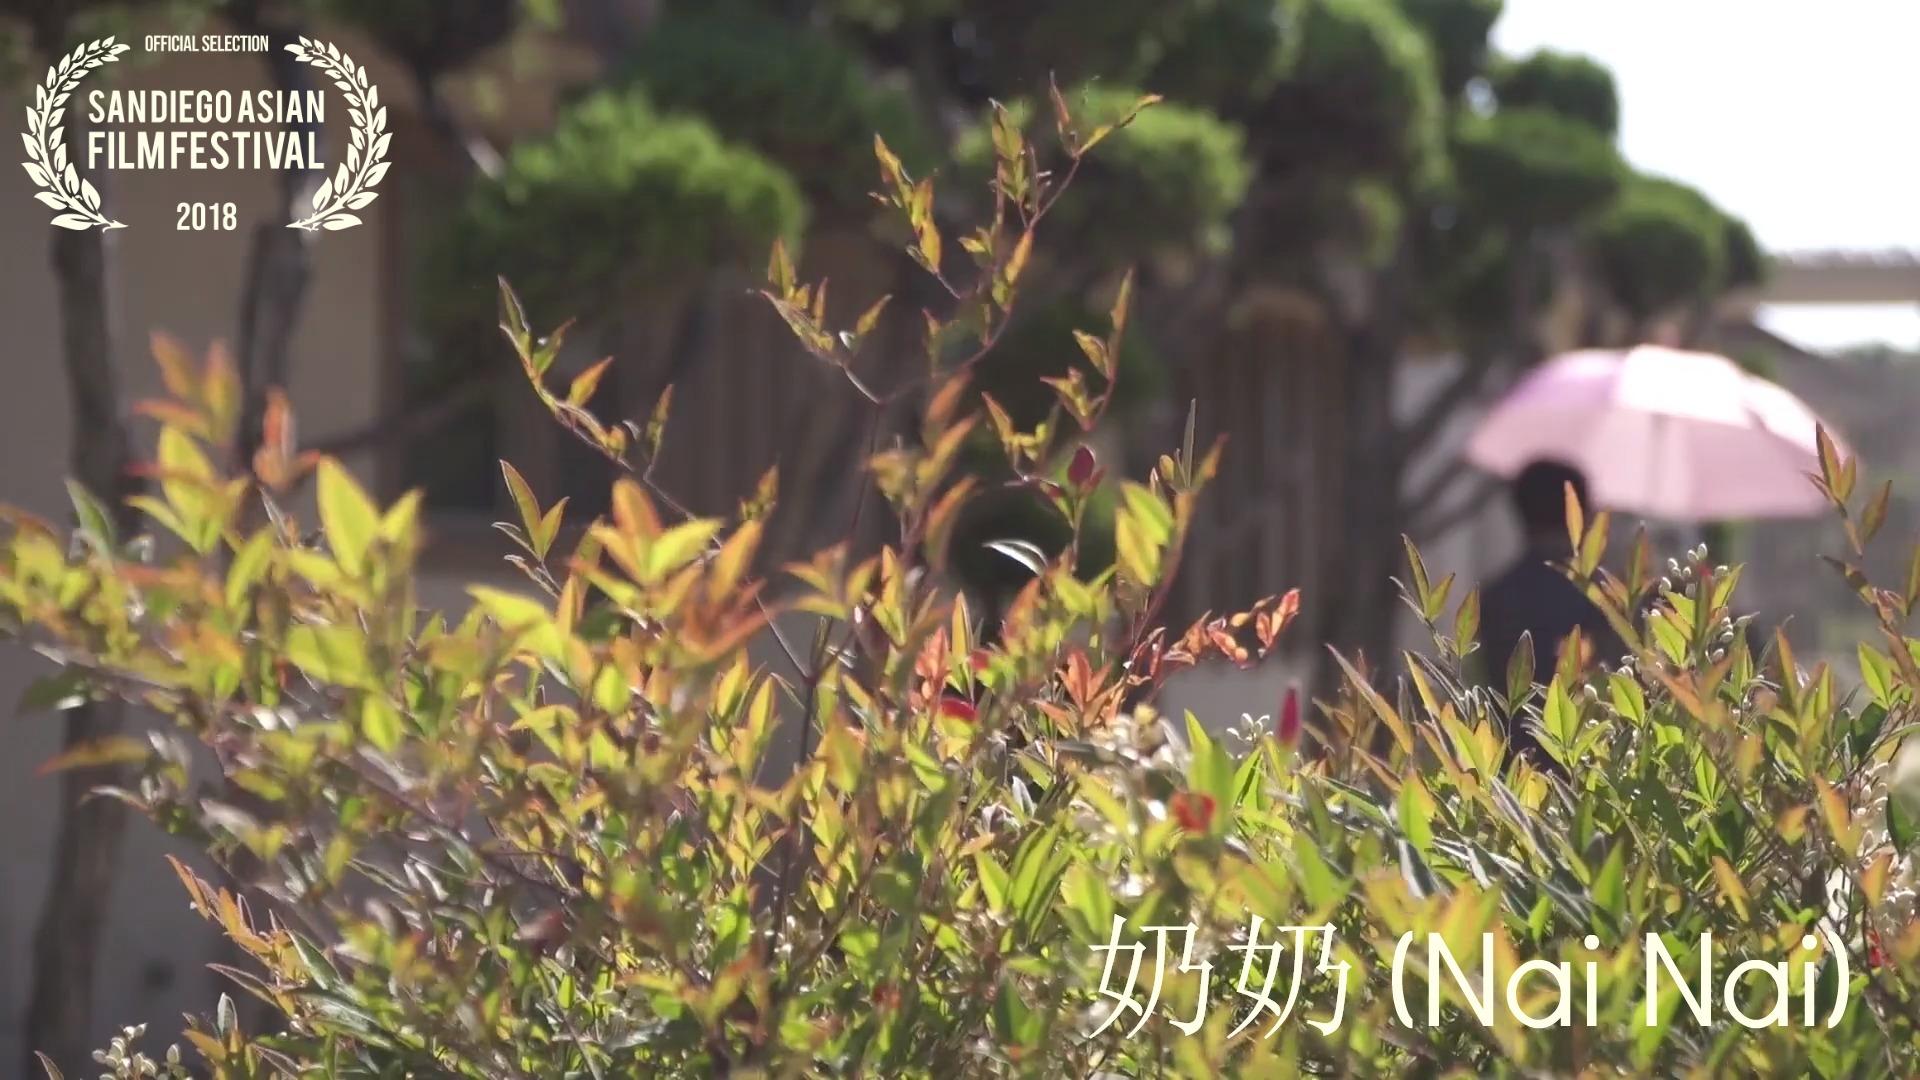 nai nai walking image